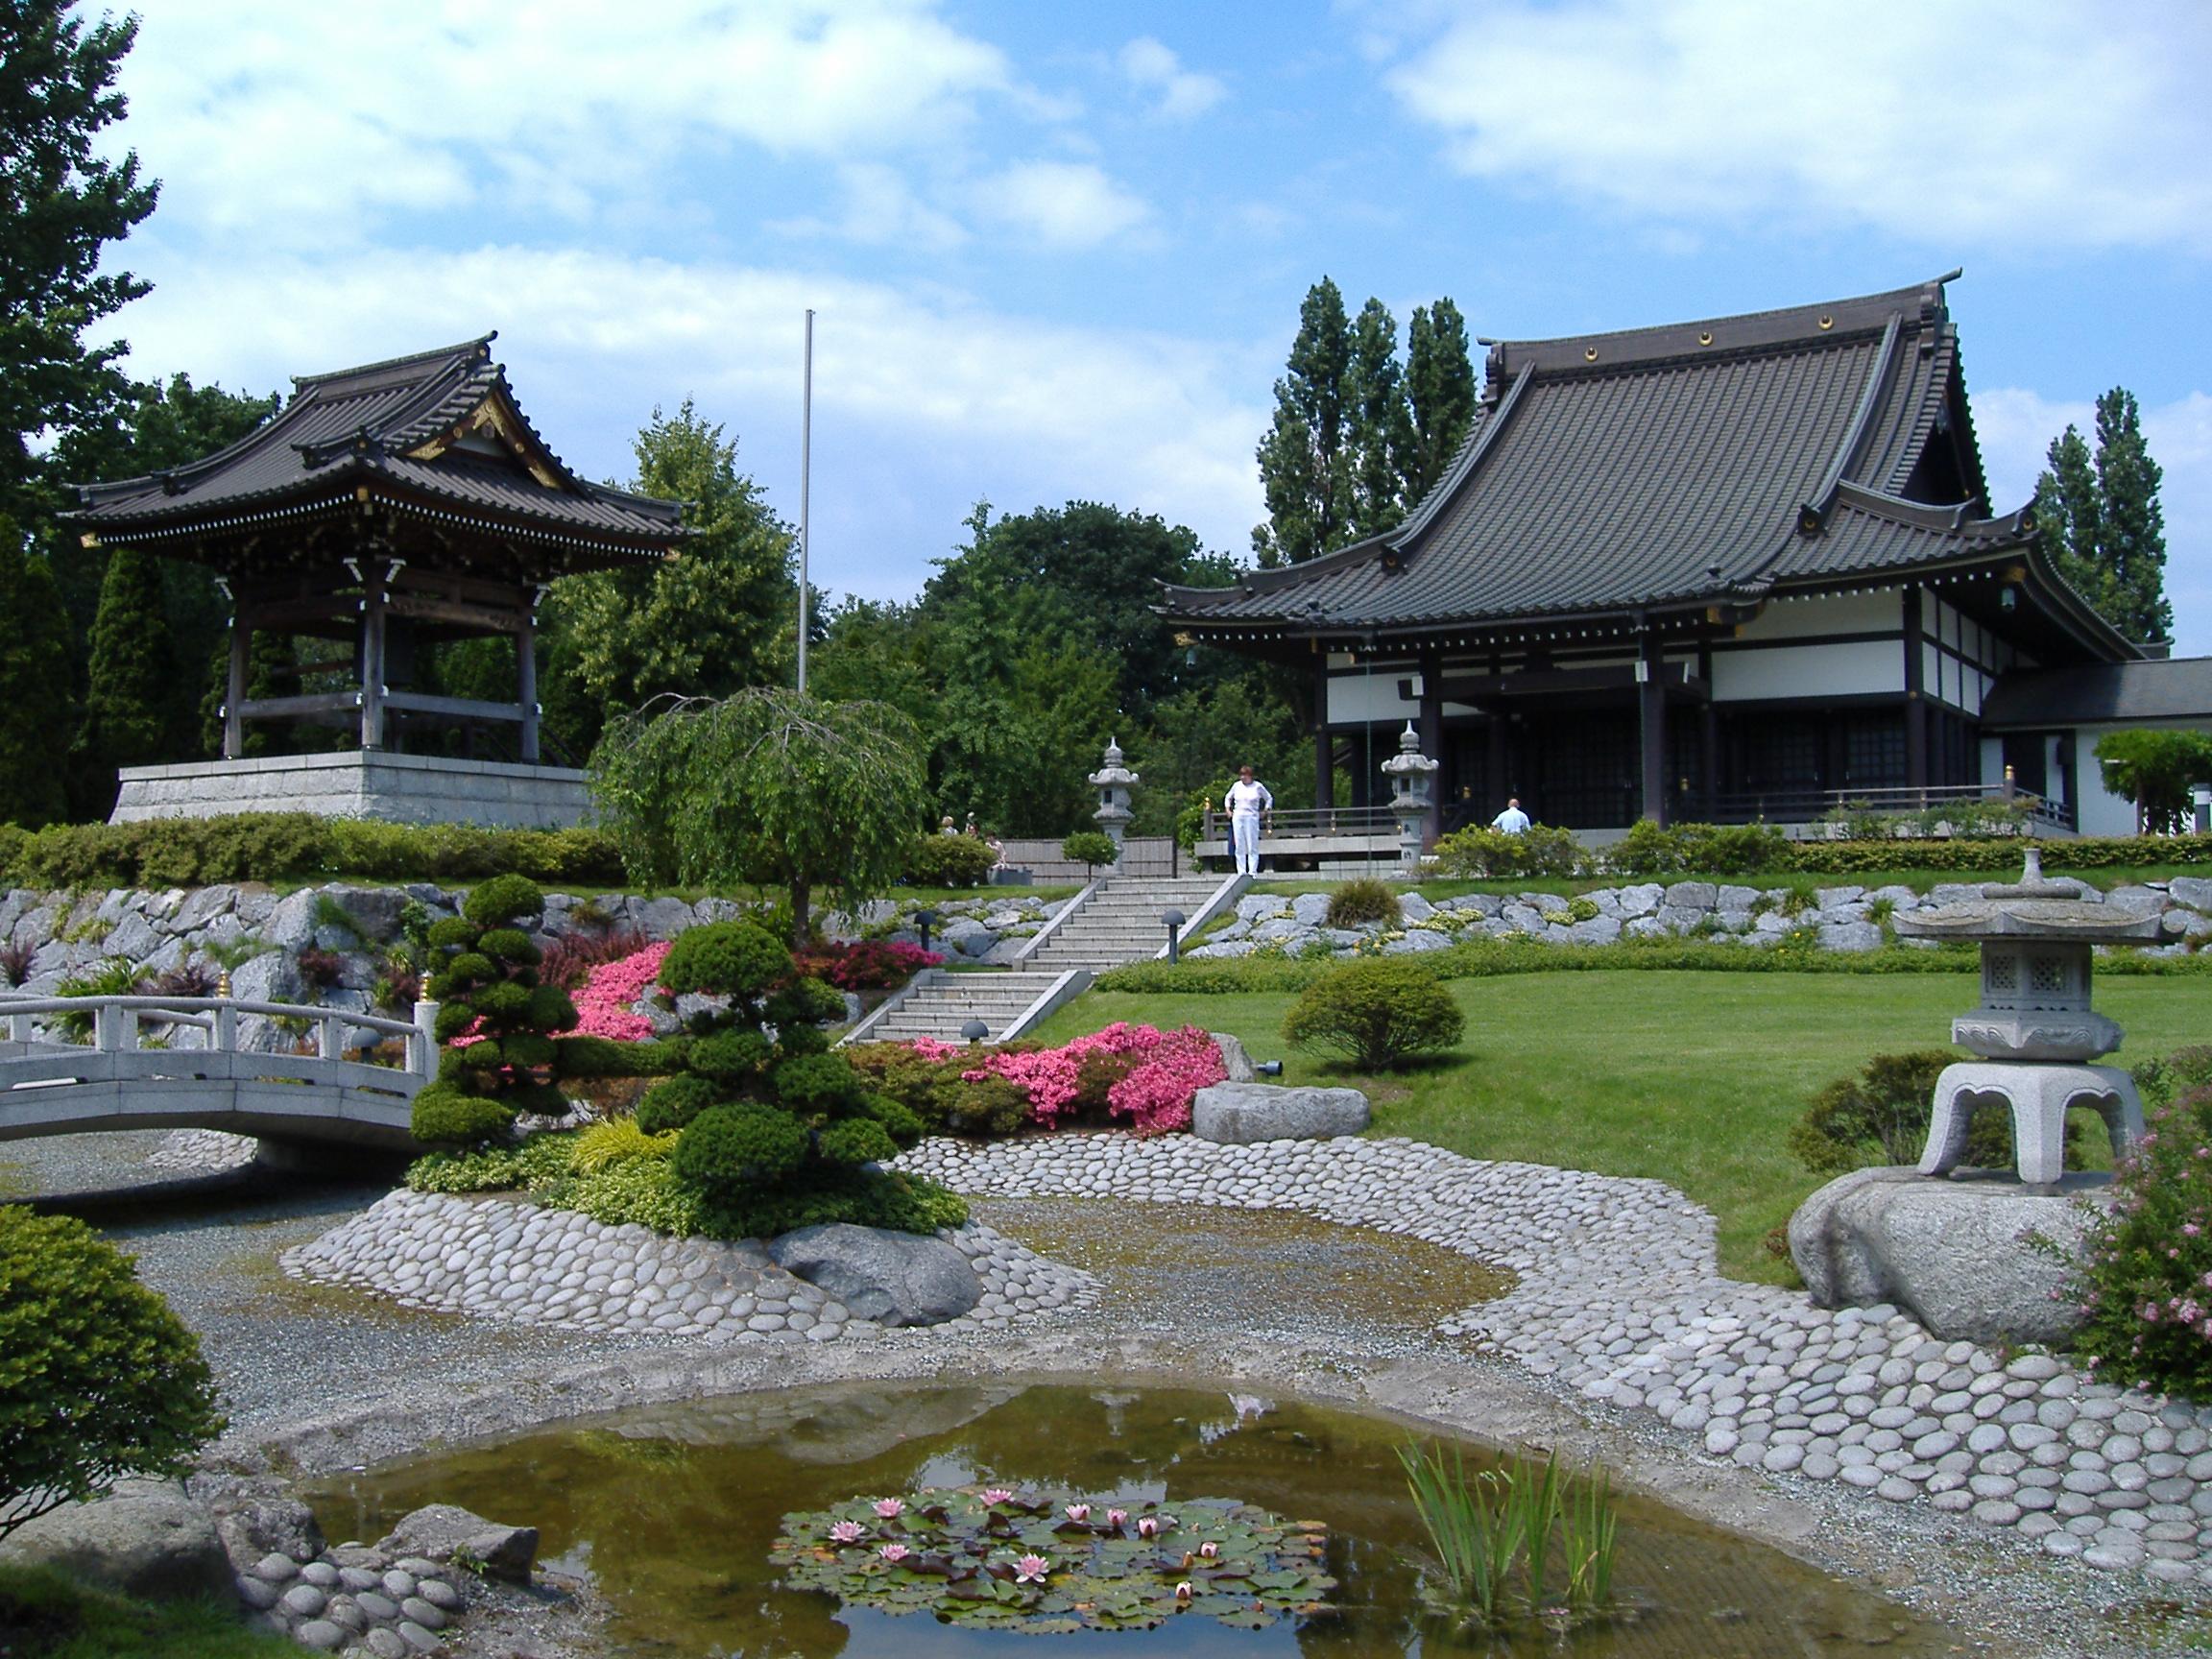 wie beschreibe ich ein traditionell japanisches haus japan beschreibung. Black Bedroom Furniture Sets. Home Design Ideas